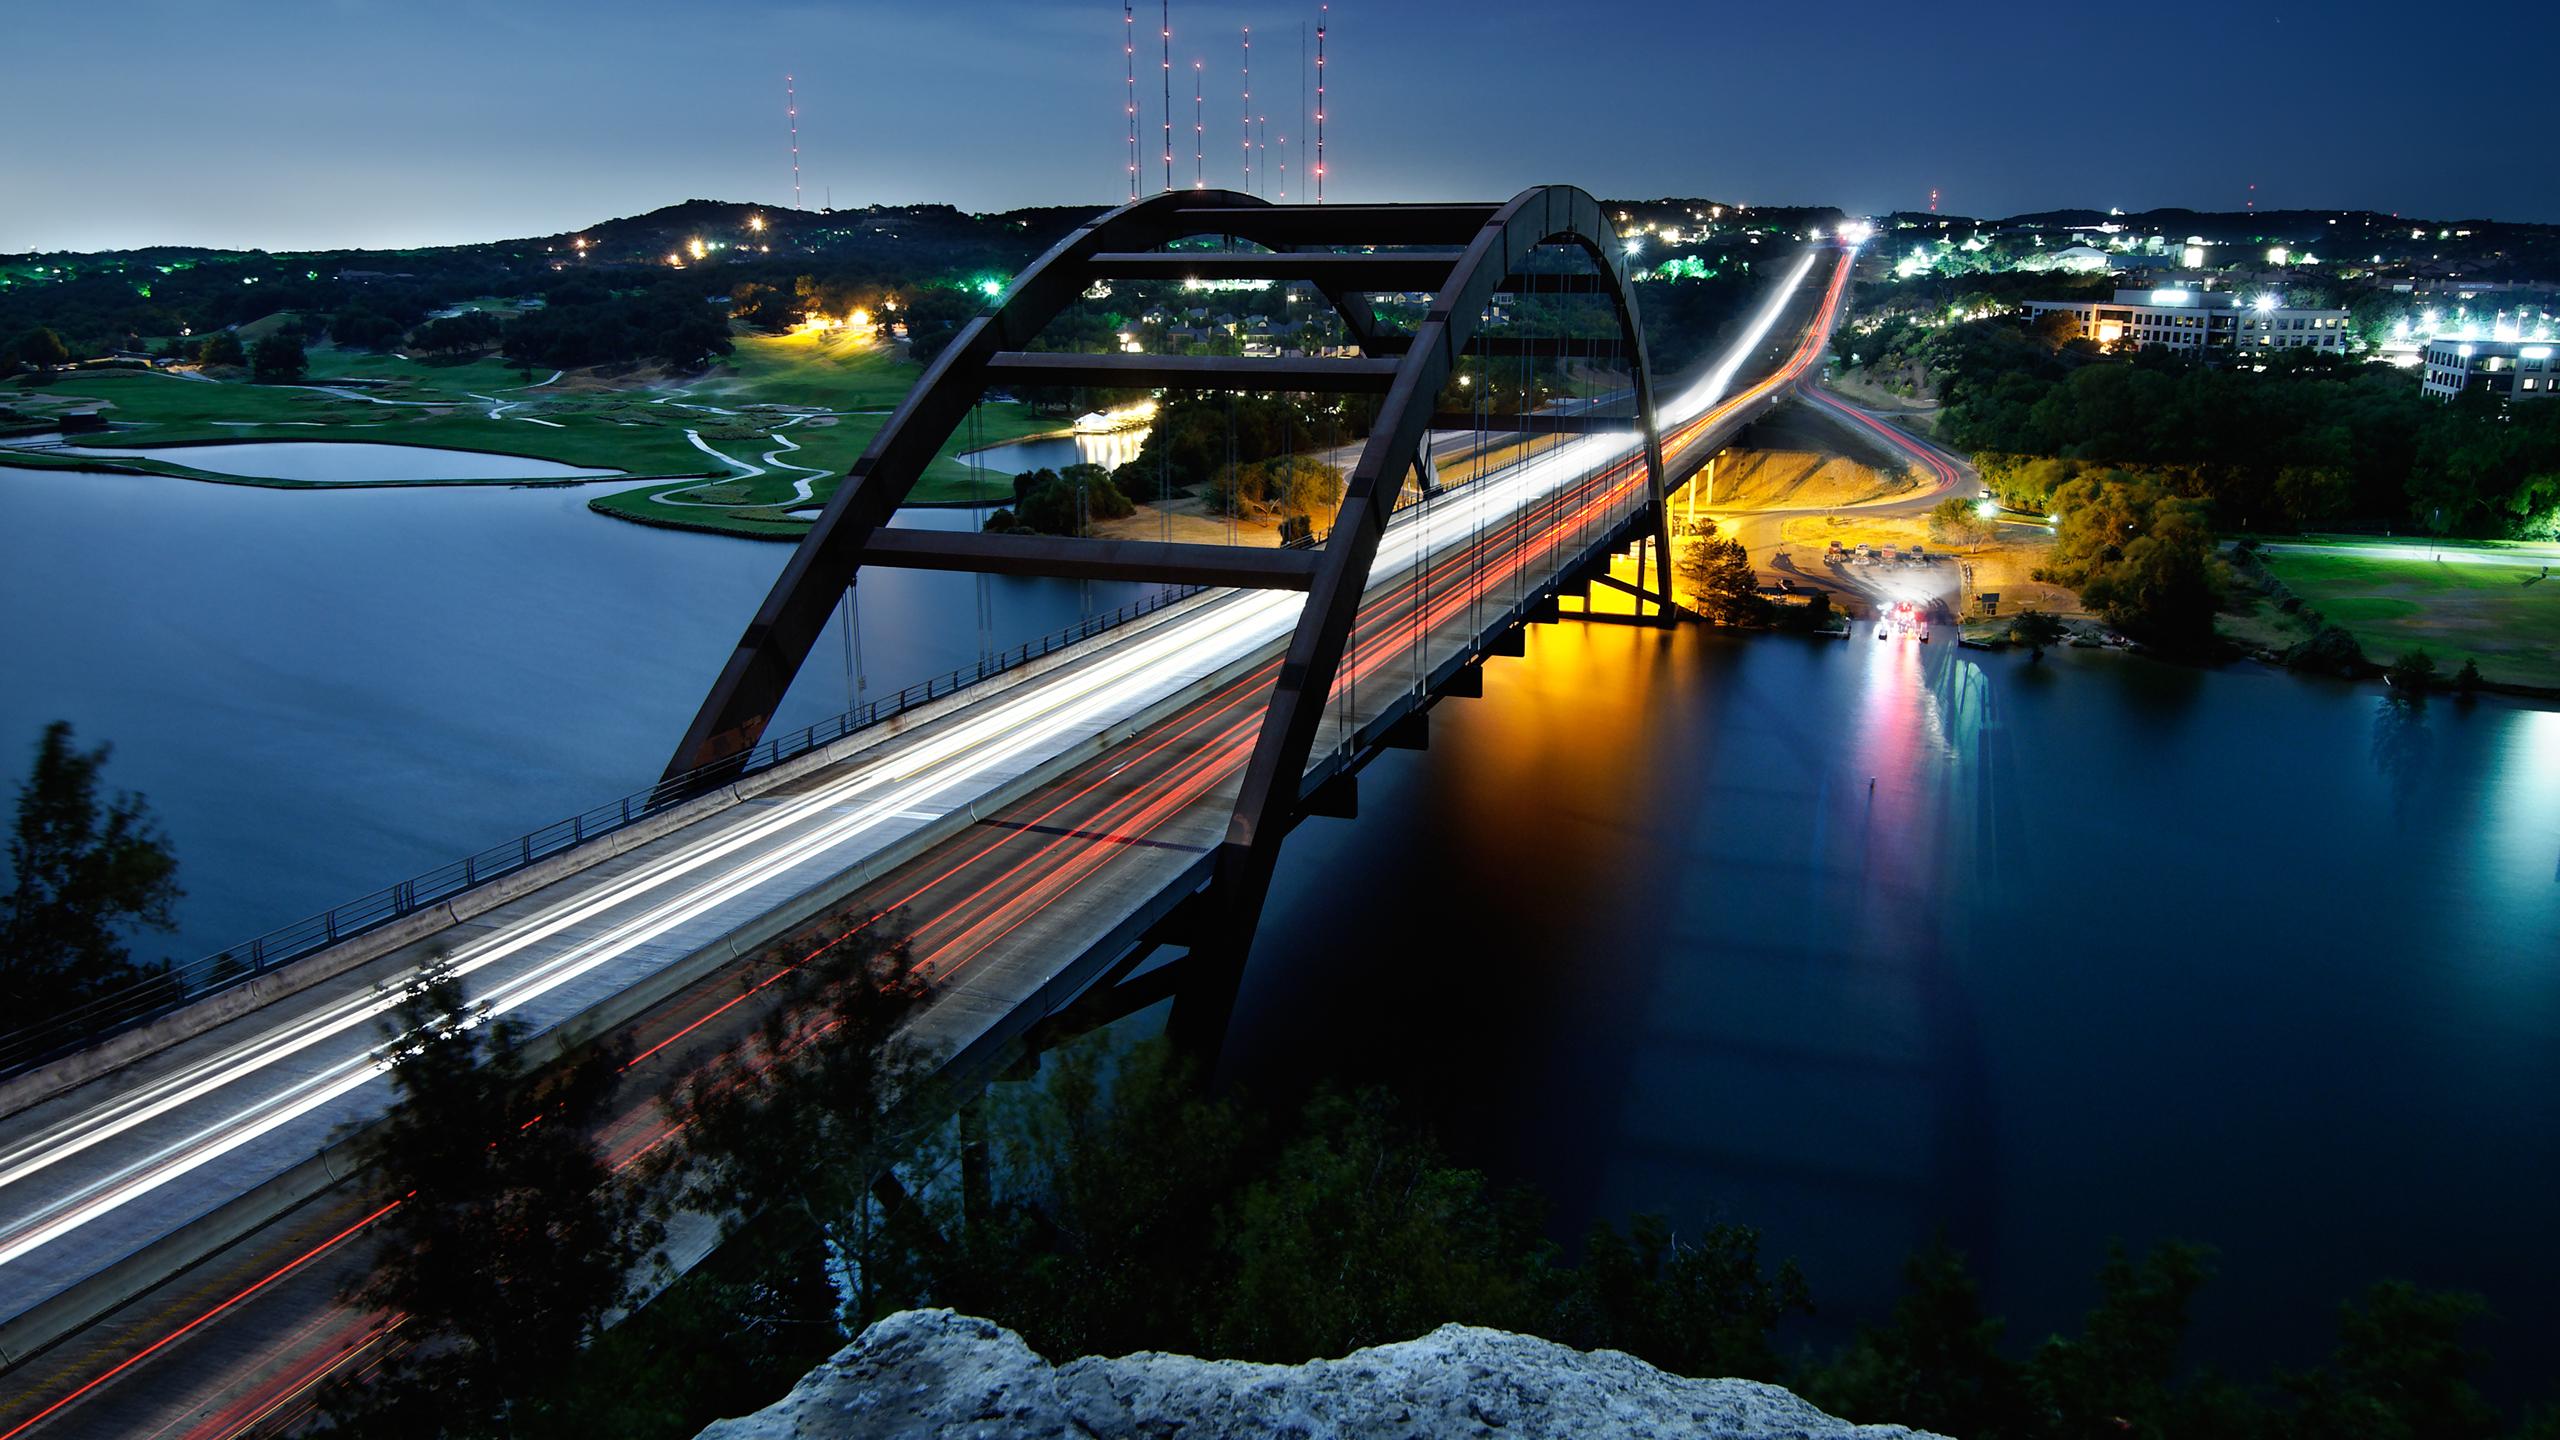 bridge_in_moonlight_2560x1440